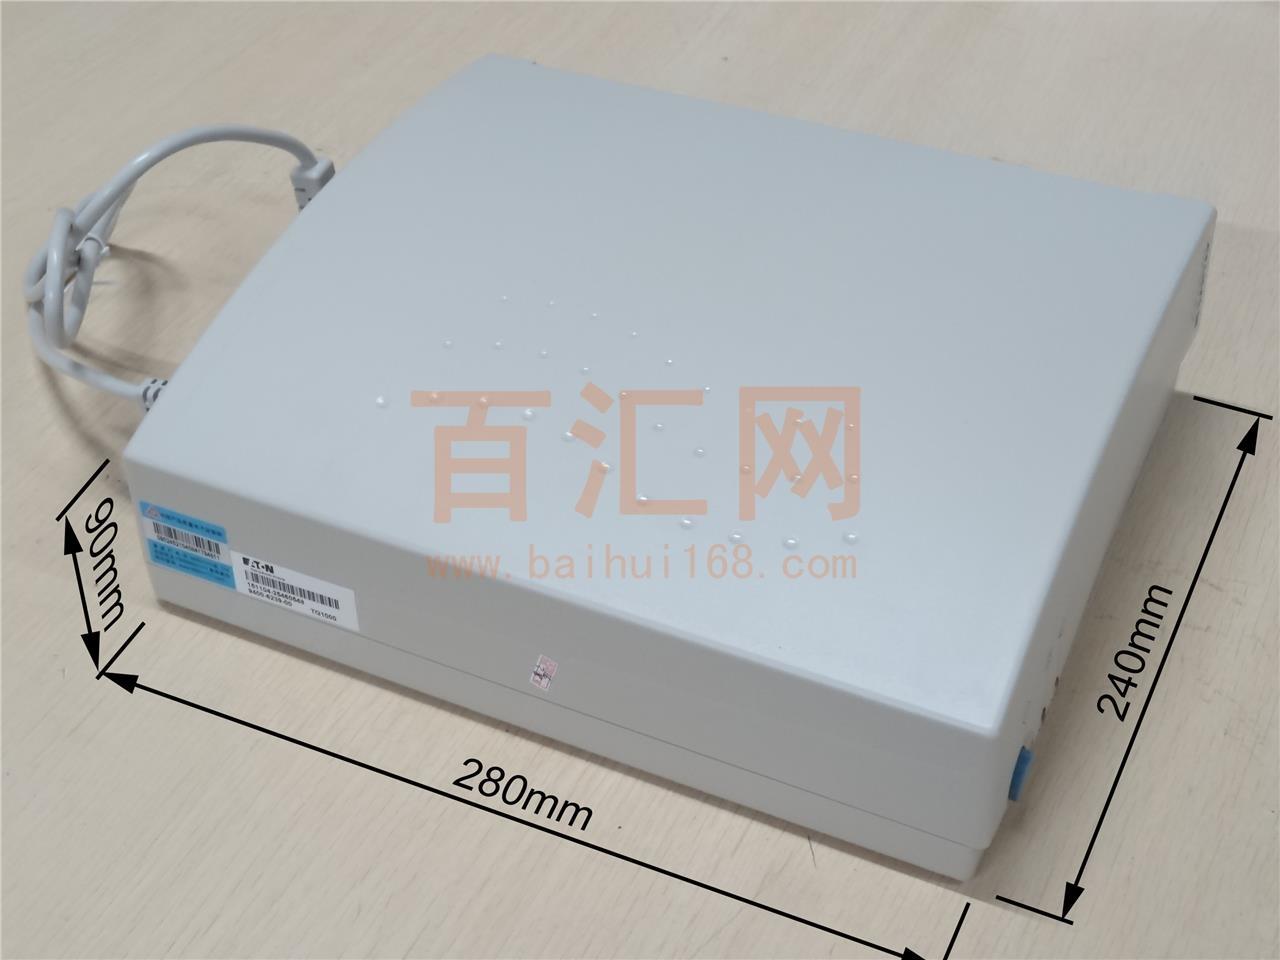 山特tg1000 不间断电源(ups电源)